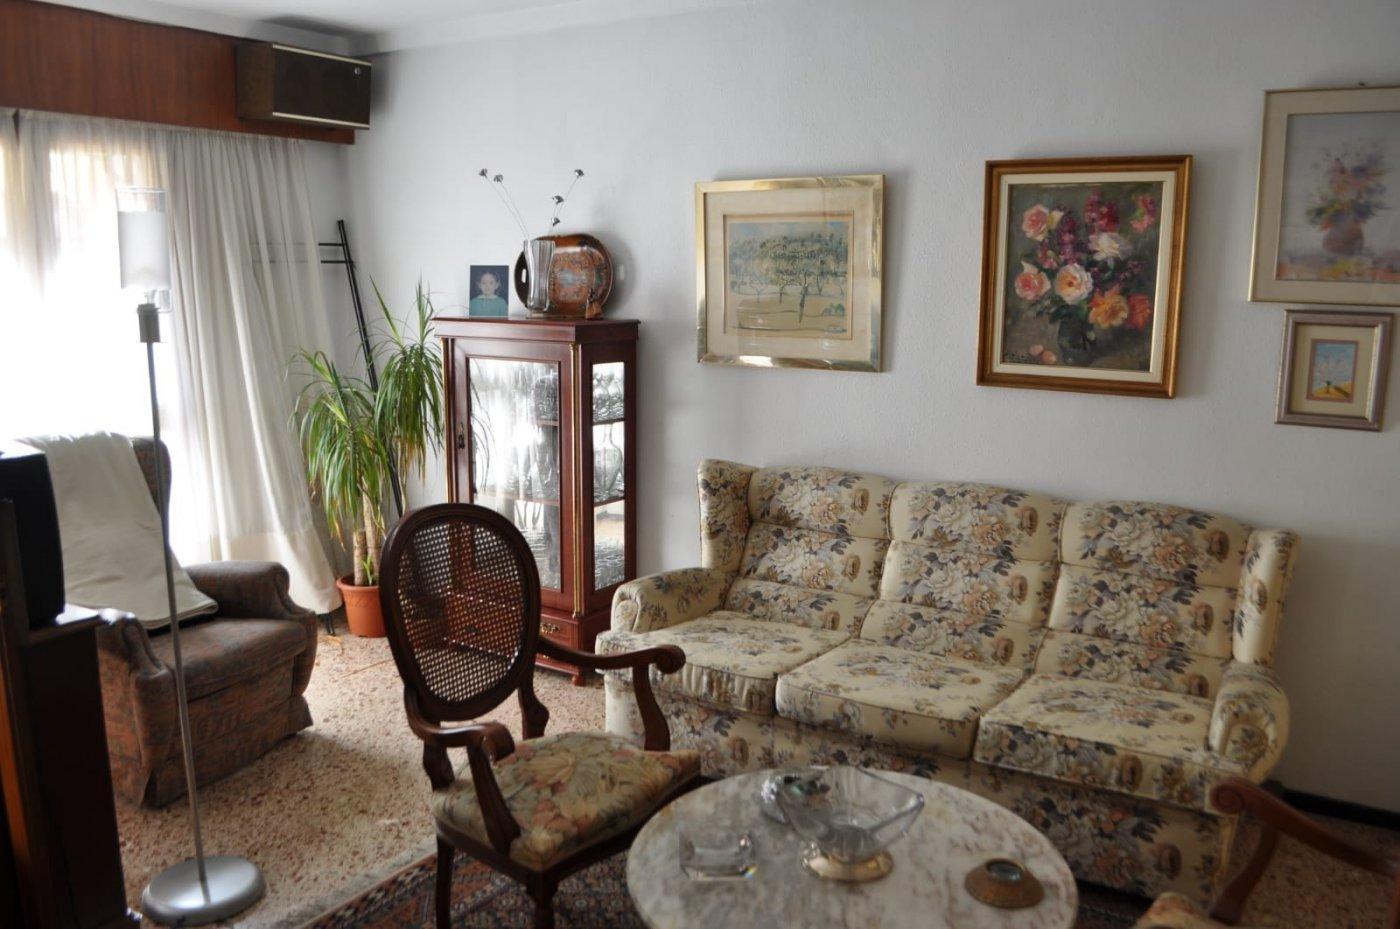 Amplio piso en Ensanche Diputación, junto al corte inglés